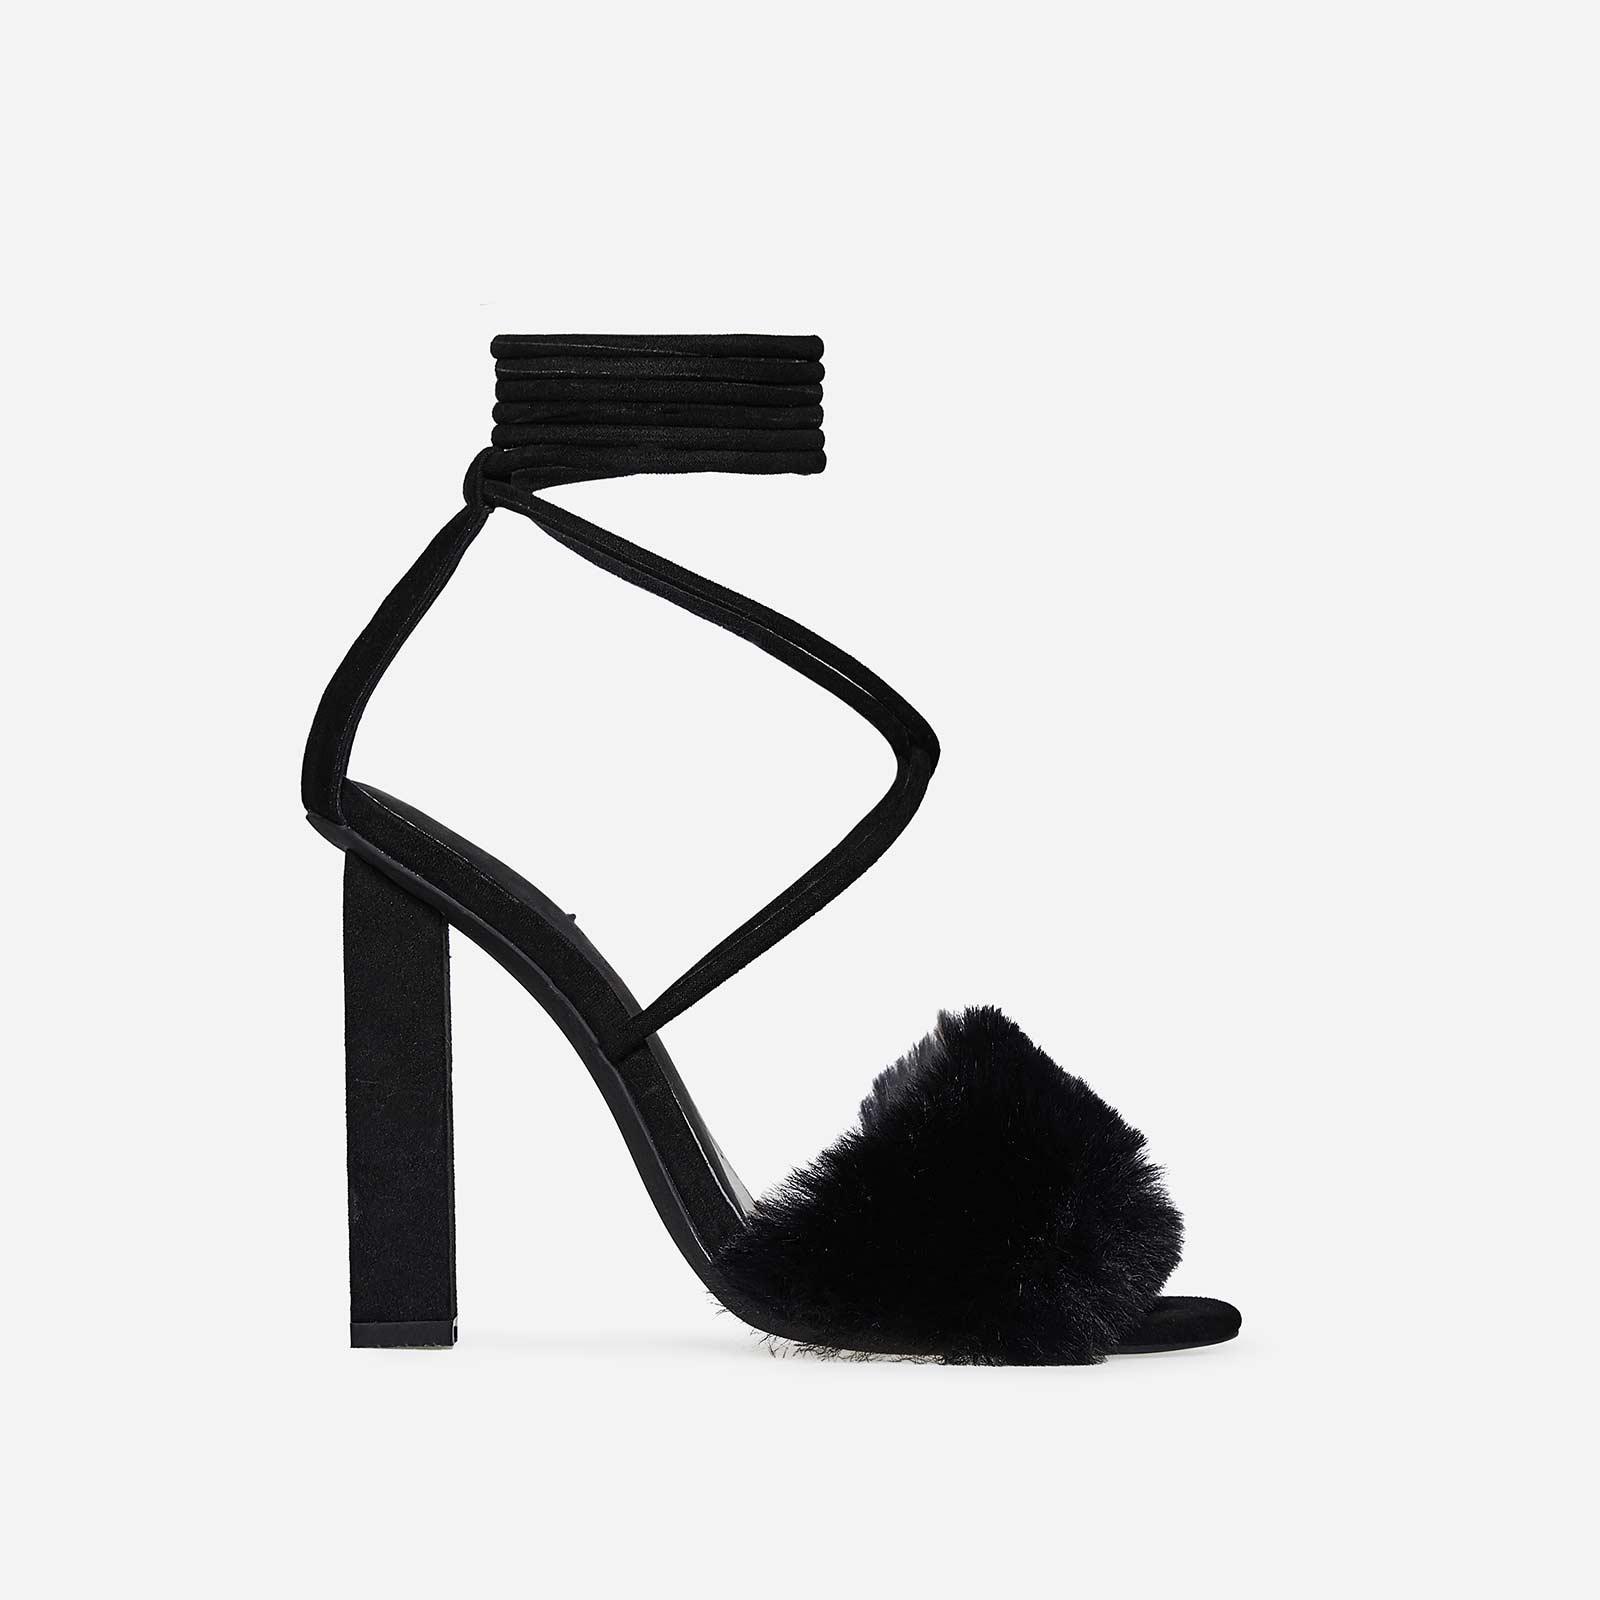 Estelle Lace Up Faux Fur Block Heel In Black Faux Suede